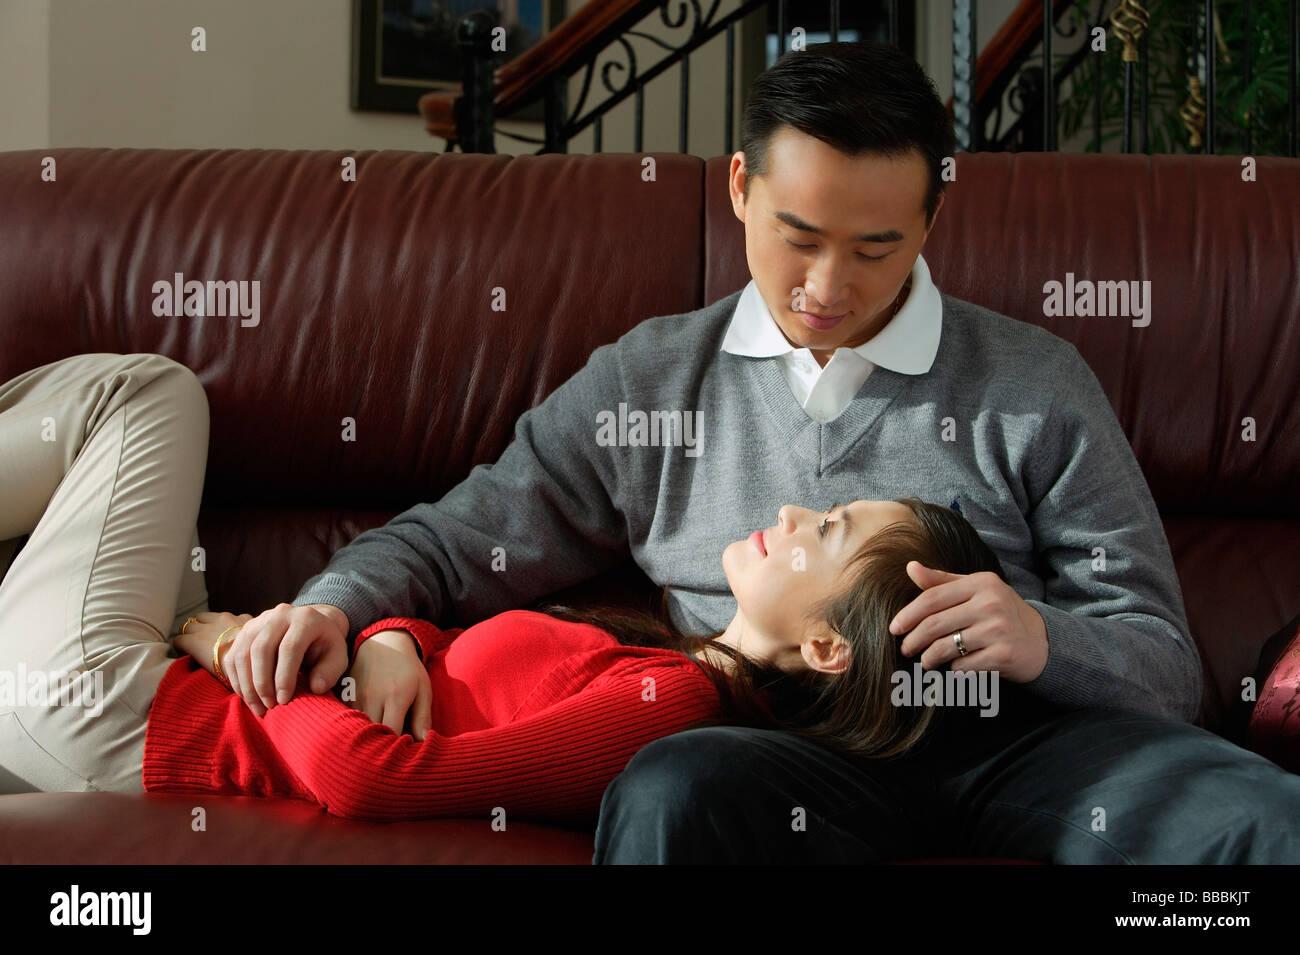 Jeune couple à la recherche d'autres avec amour à chaque Photo Stock